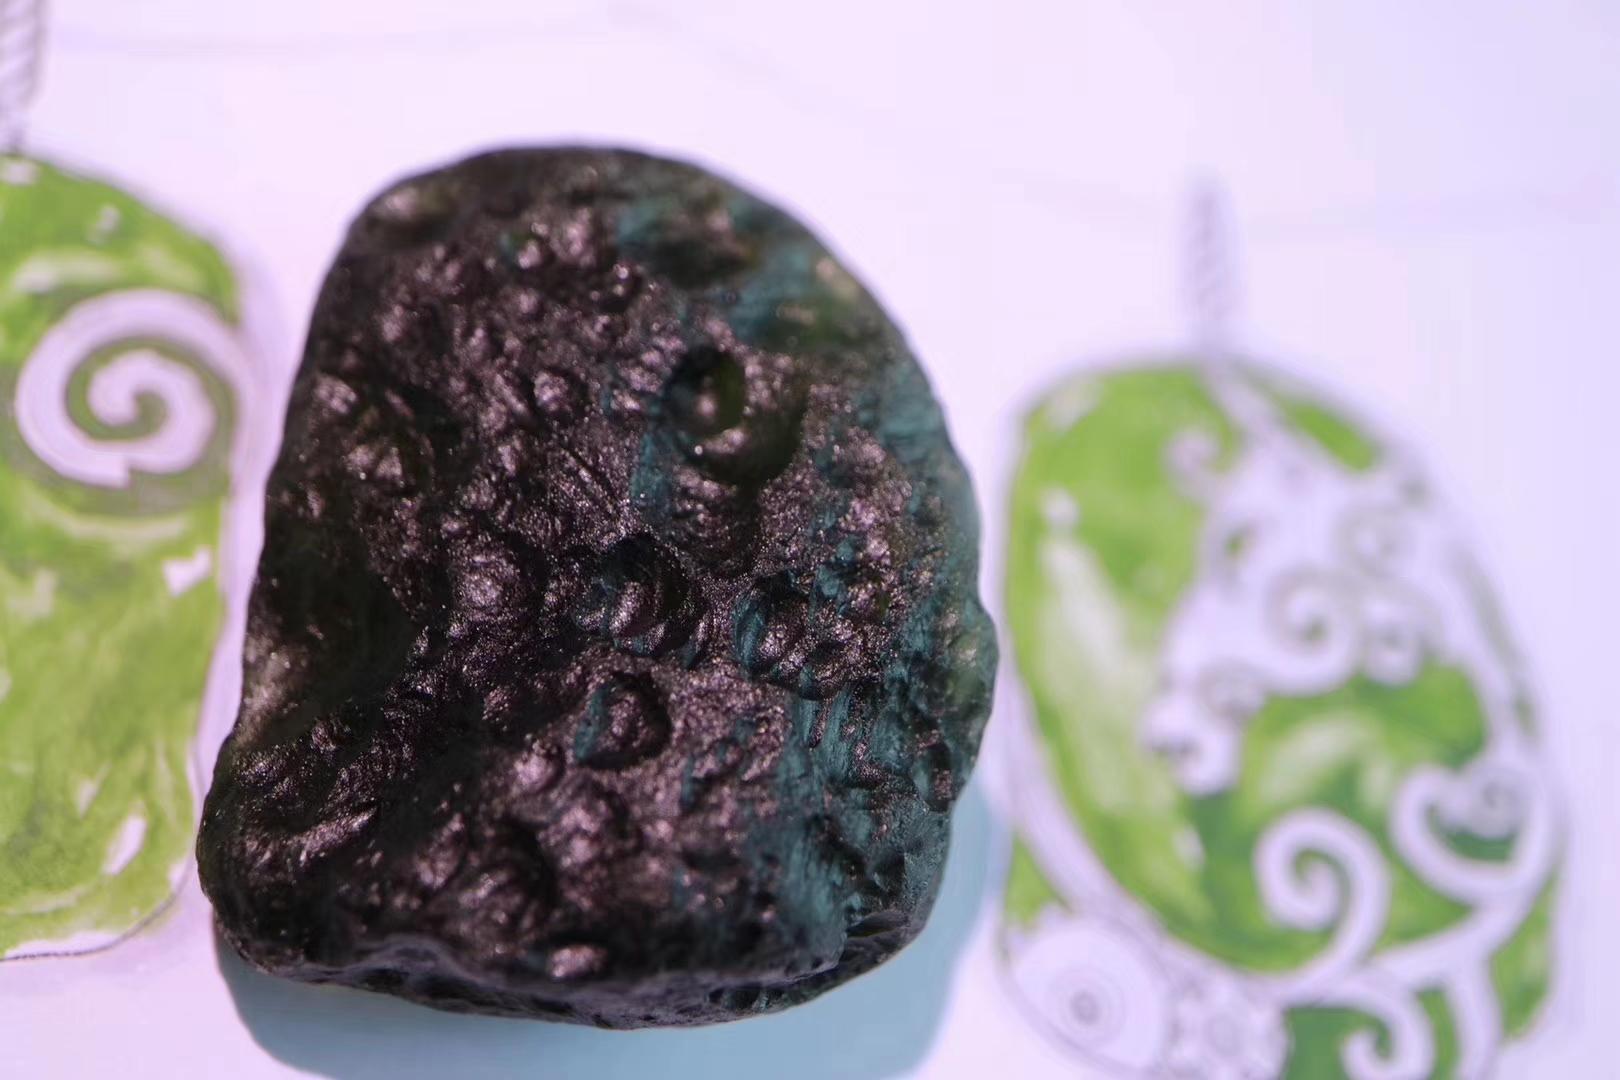 【捷克陨石】独角兽,代表着内在美好的自己-菩心晶舍